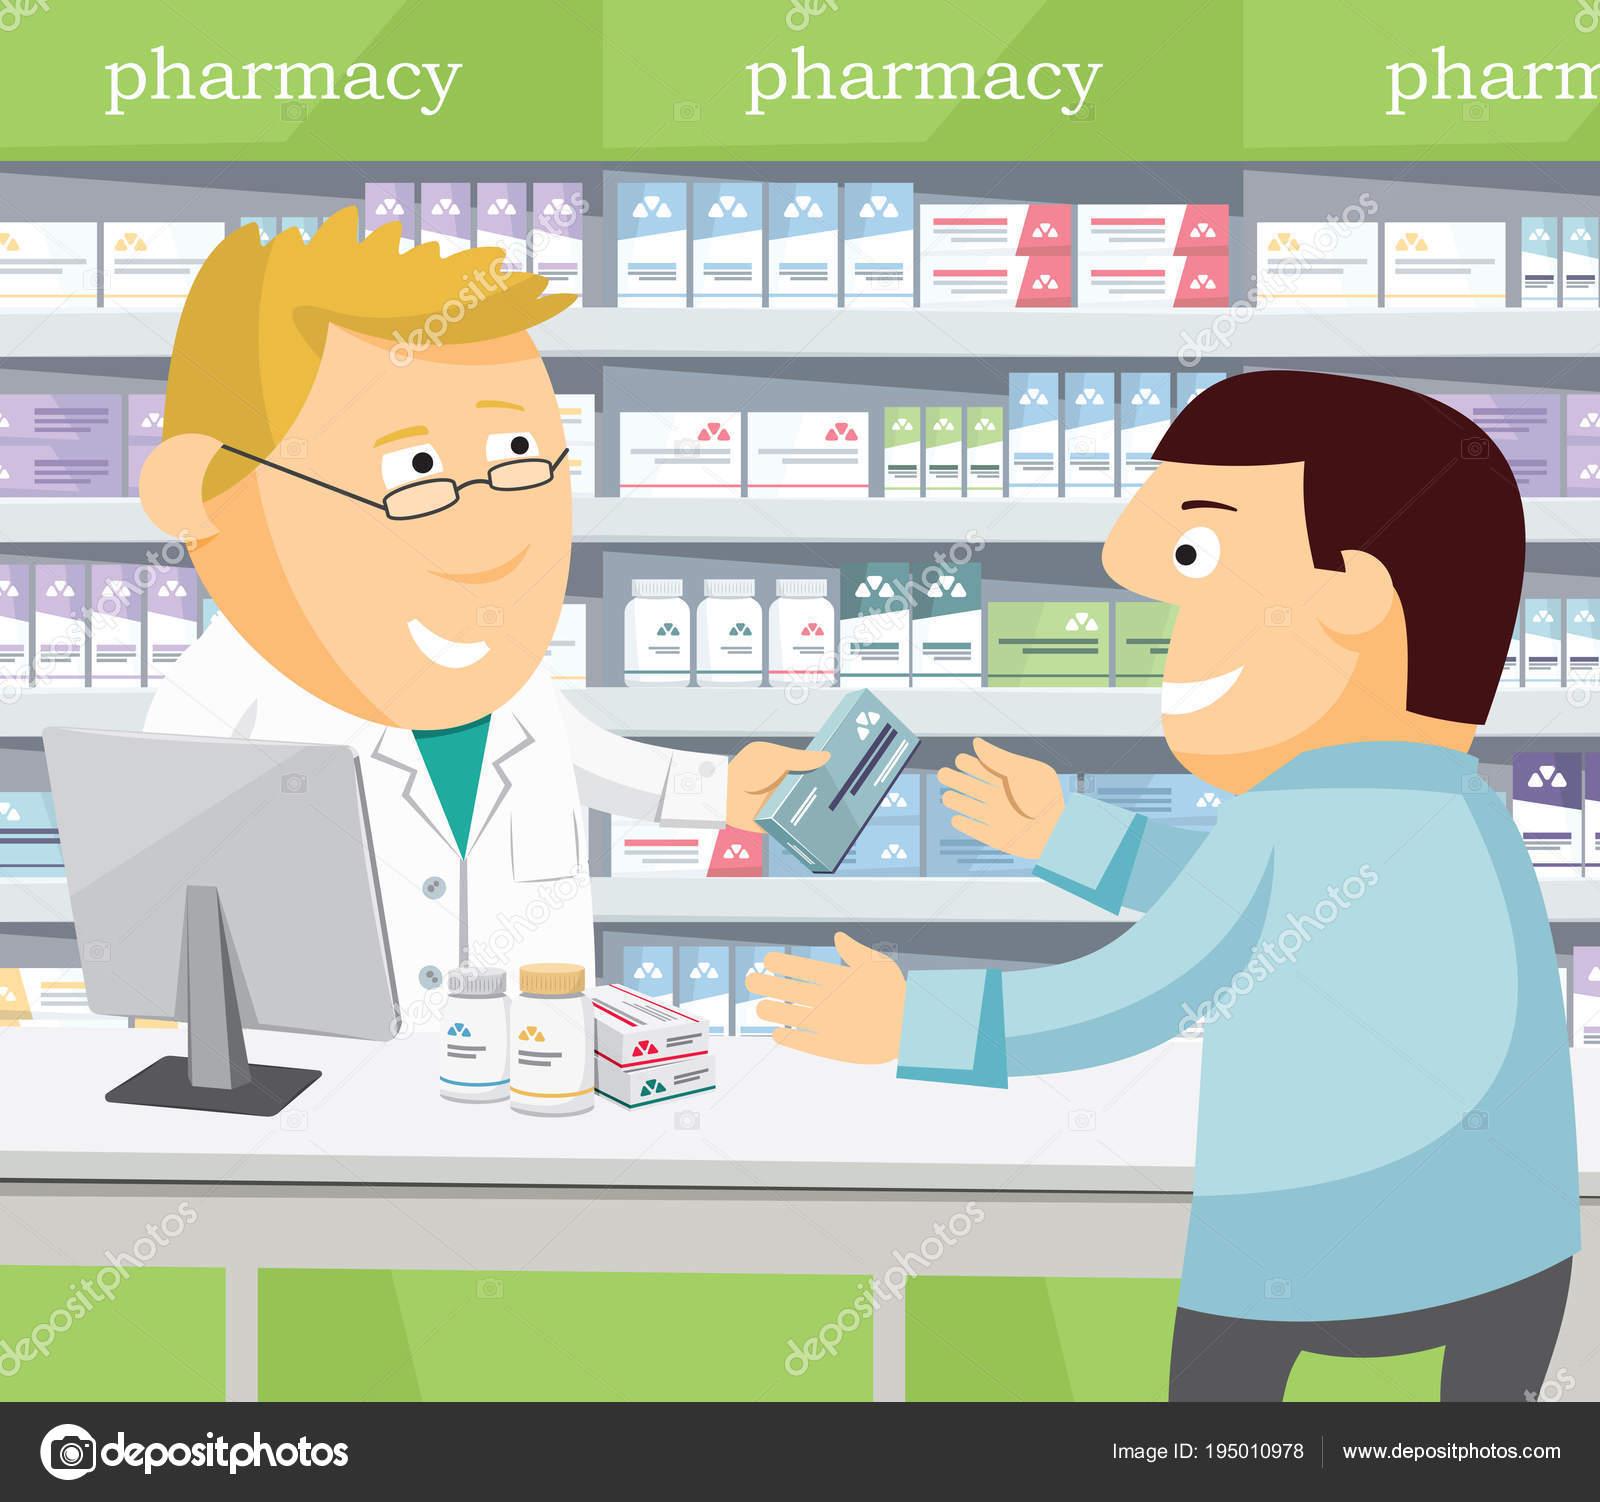 f186b0a97ef9d Hombre de químico farmacéutico en la farmacia. Hombre compra medicamentos  en la farmacia. Venta